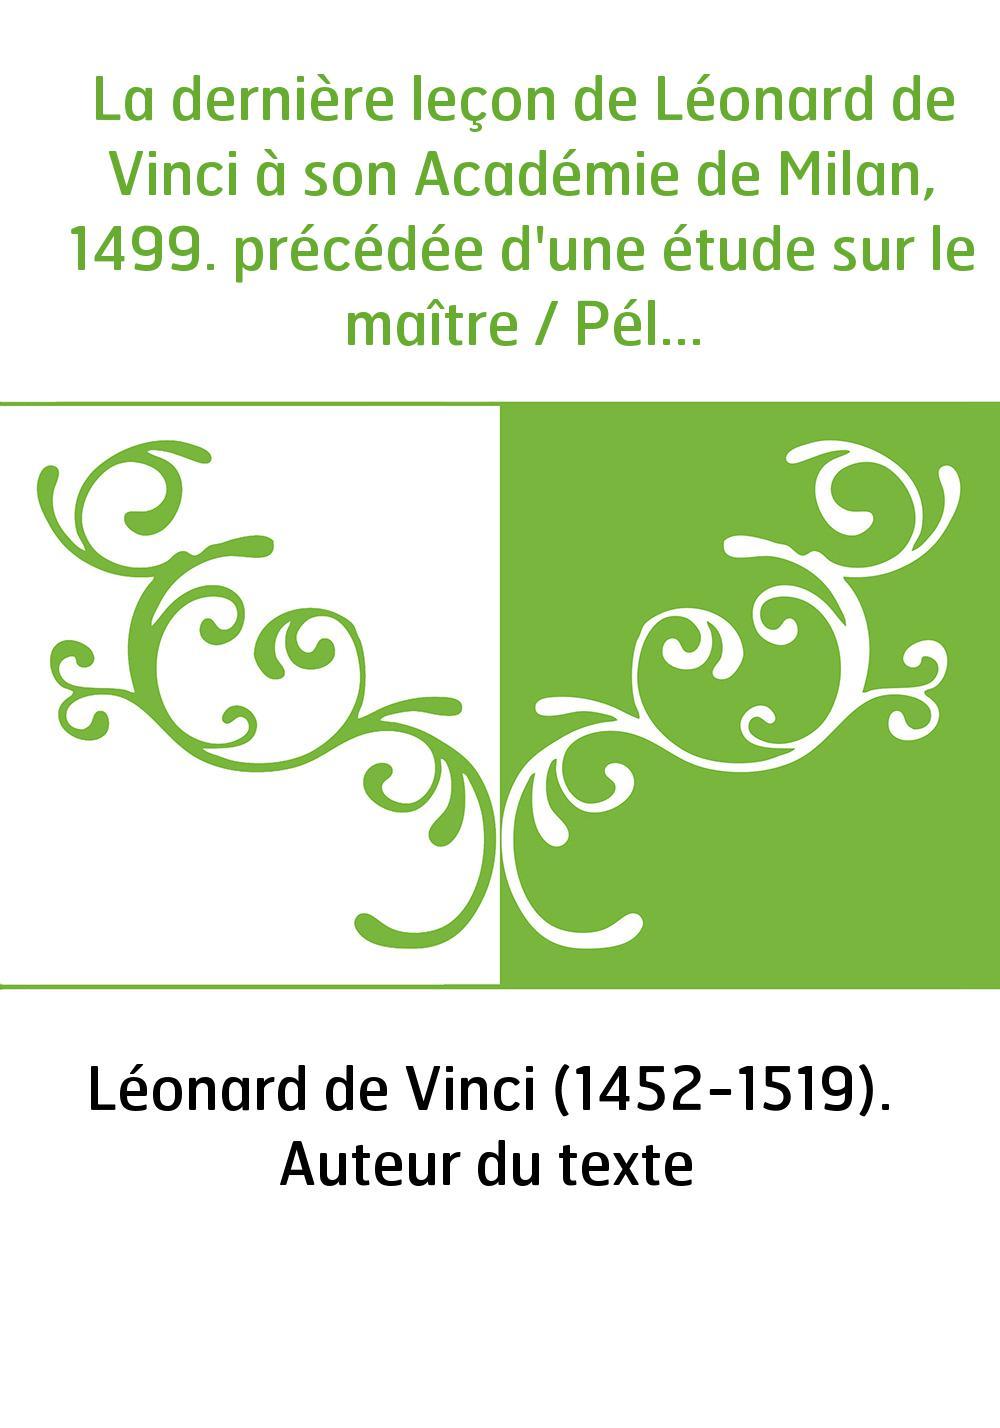 La dernière leçon de Léonard de Vinci à son Académie de Milan, 1499. précédée d'une étude sur le maître / Péladan